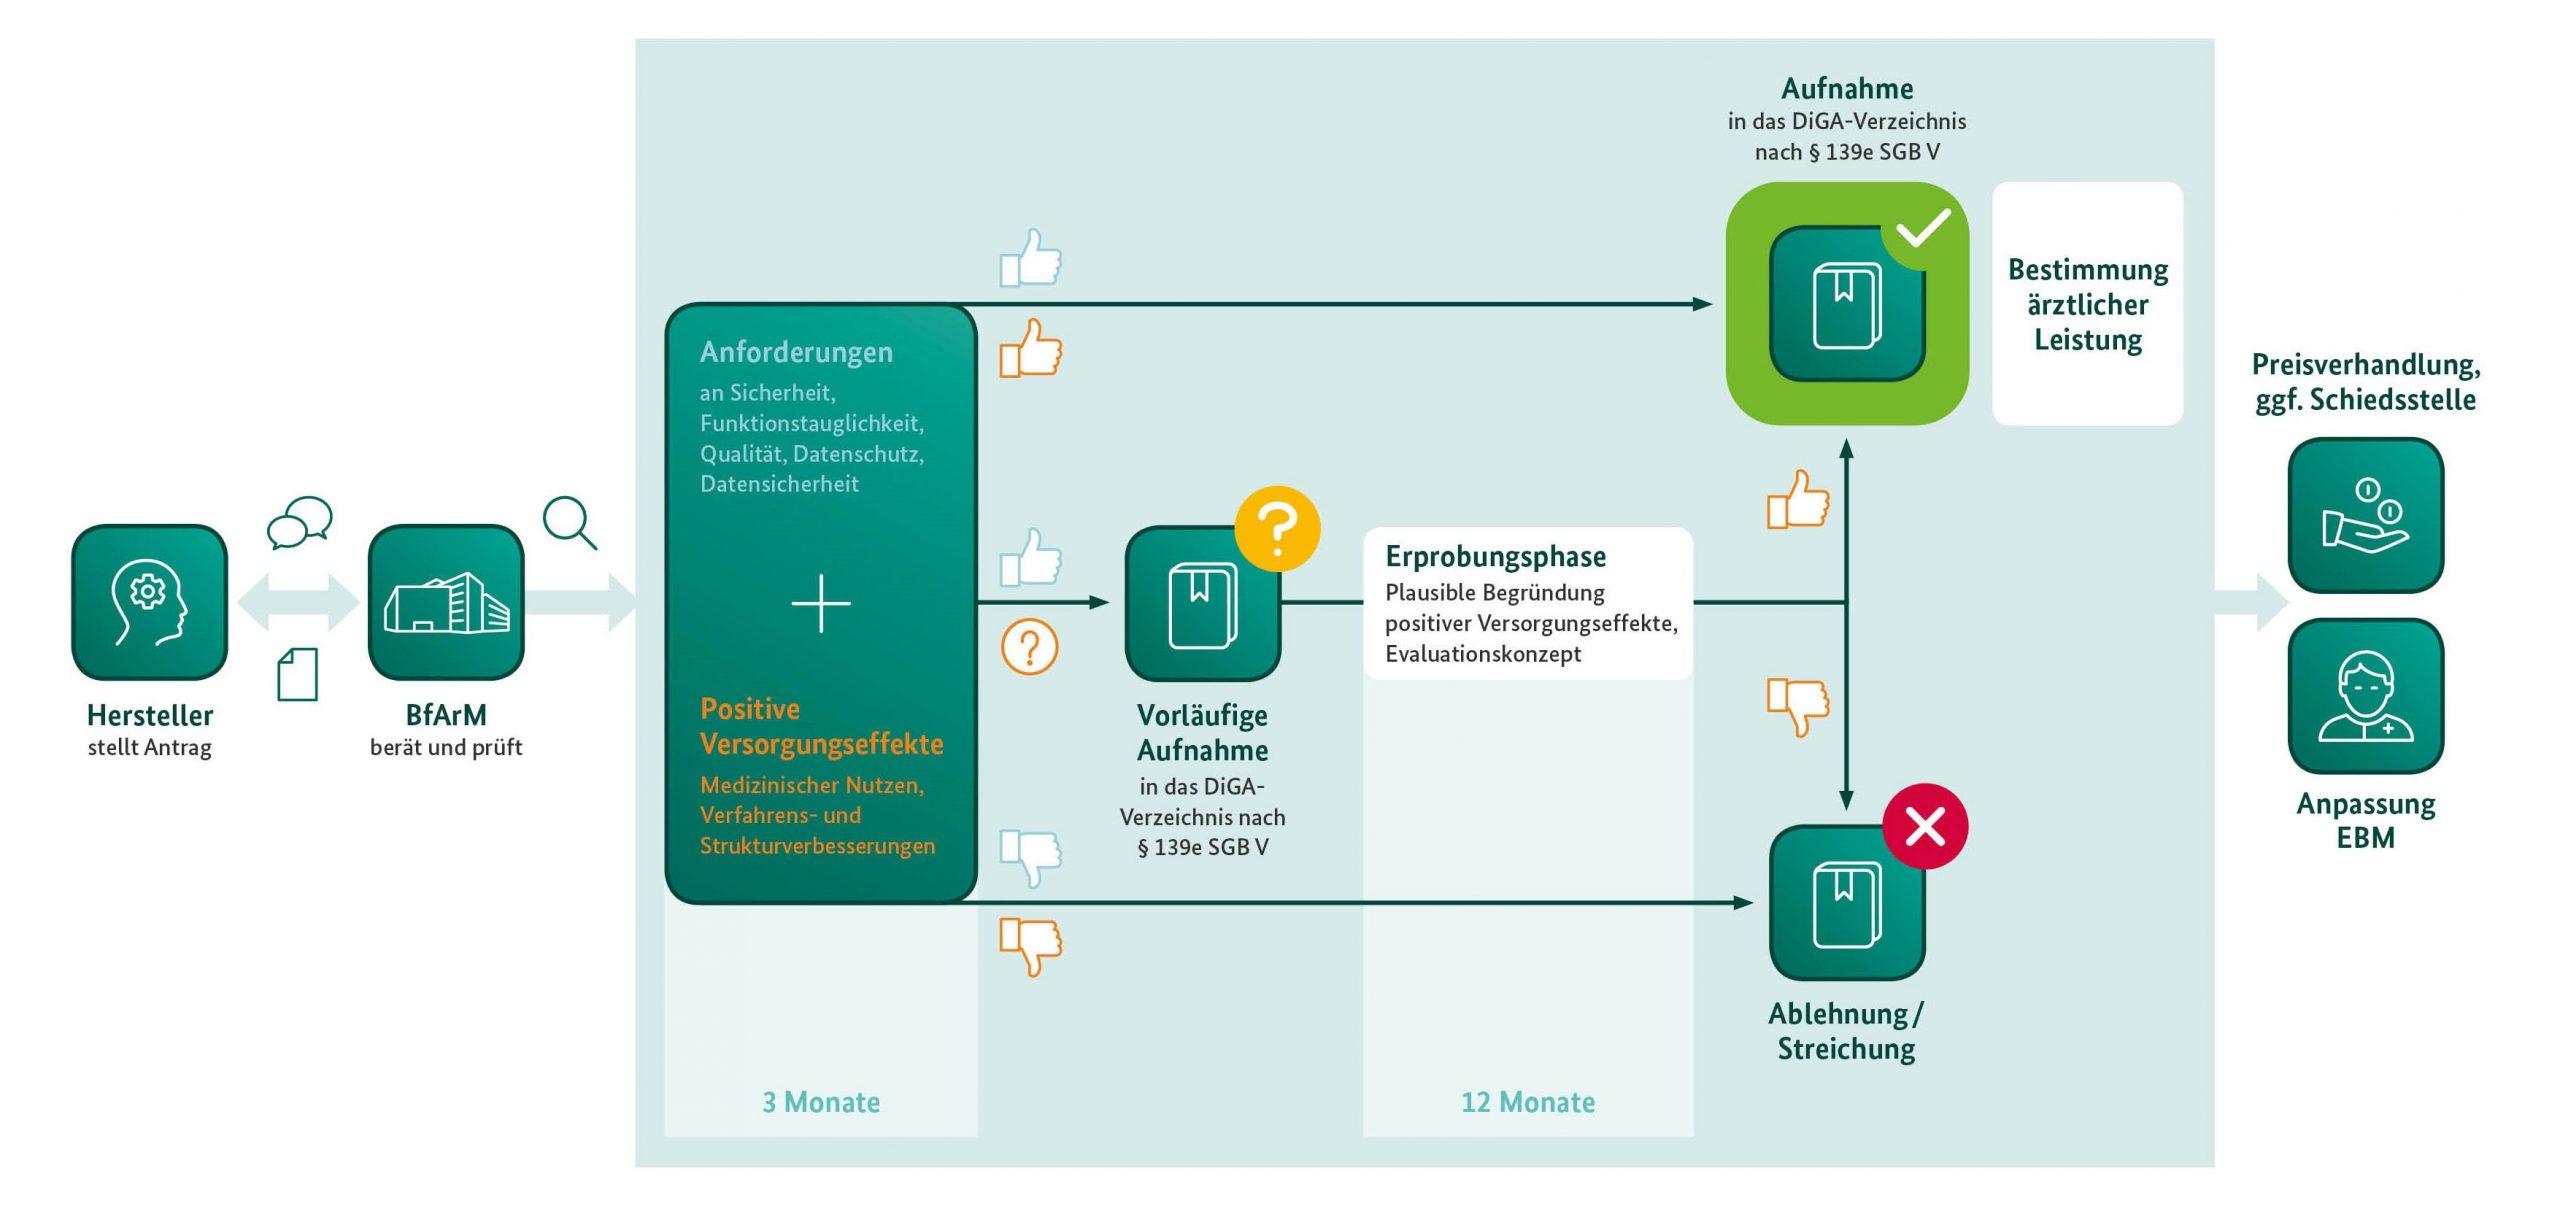 App Auf Rezept Startet Im Herbst 2020 Iphone Ticker De